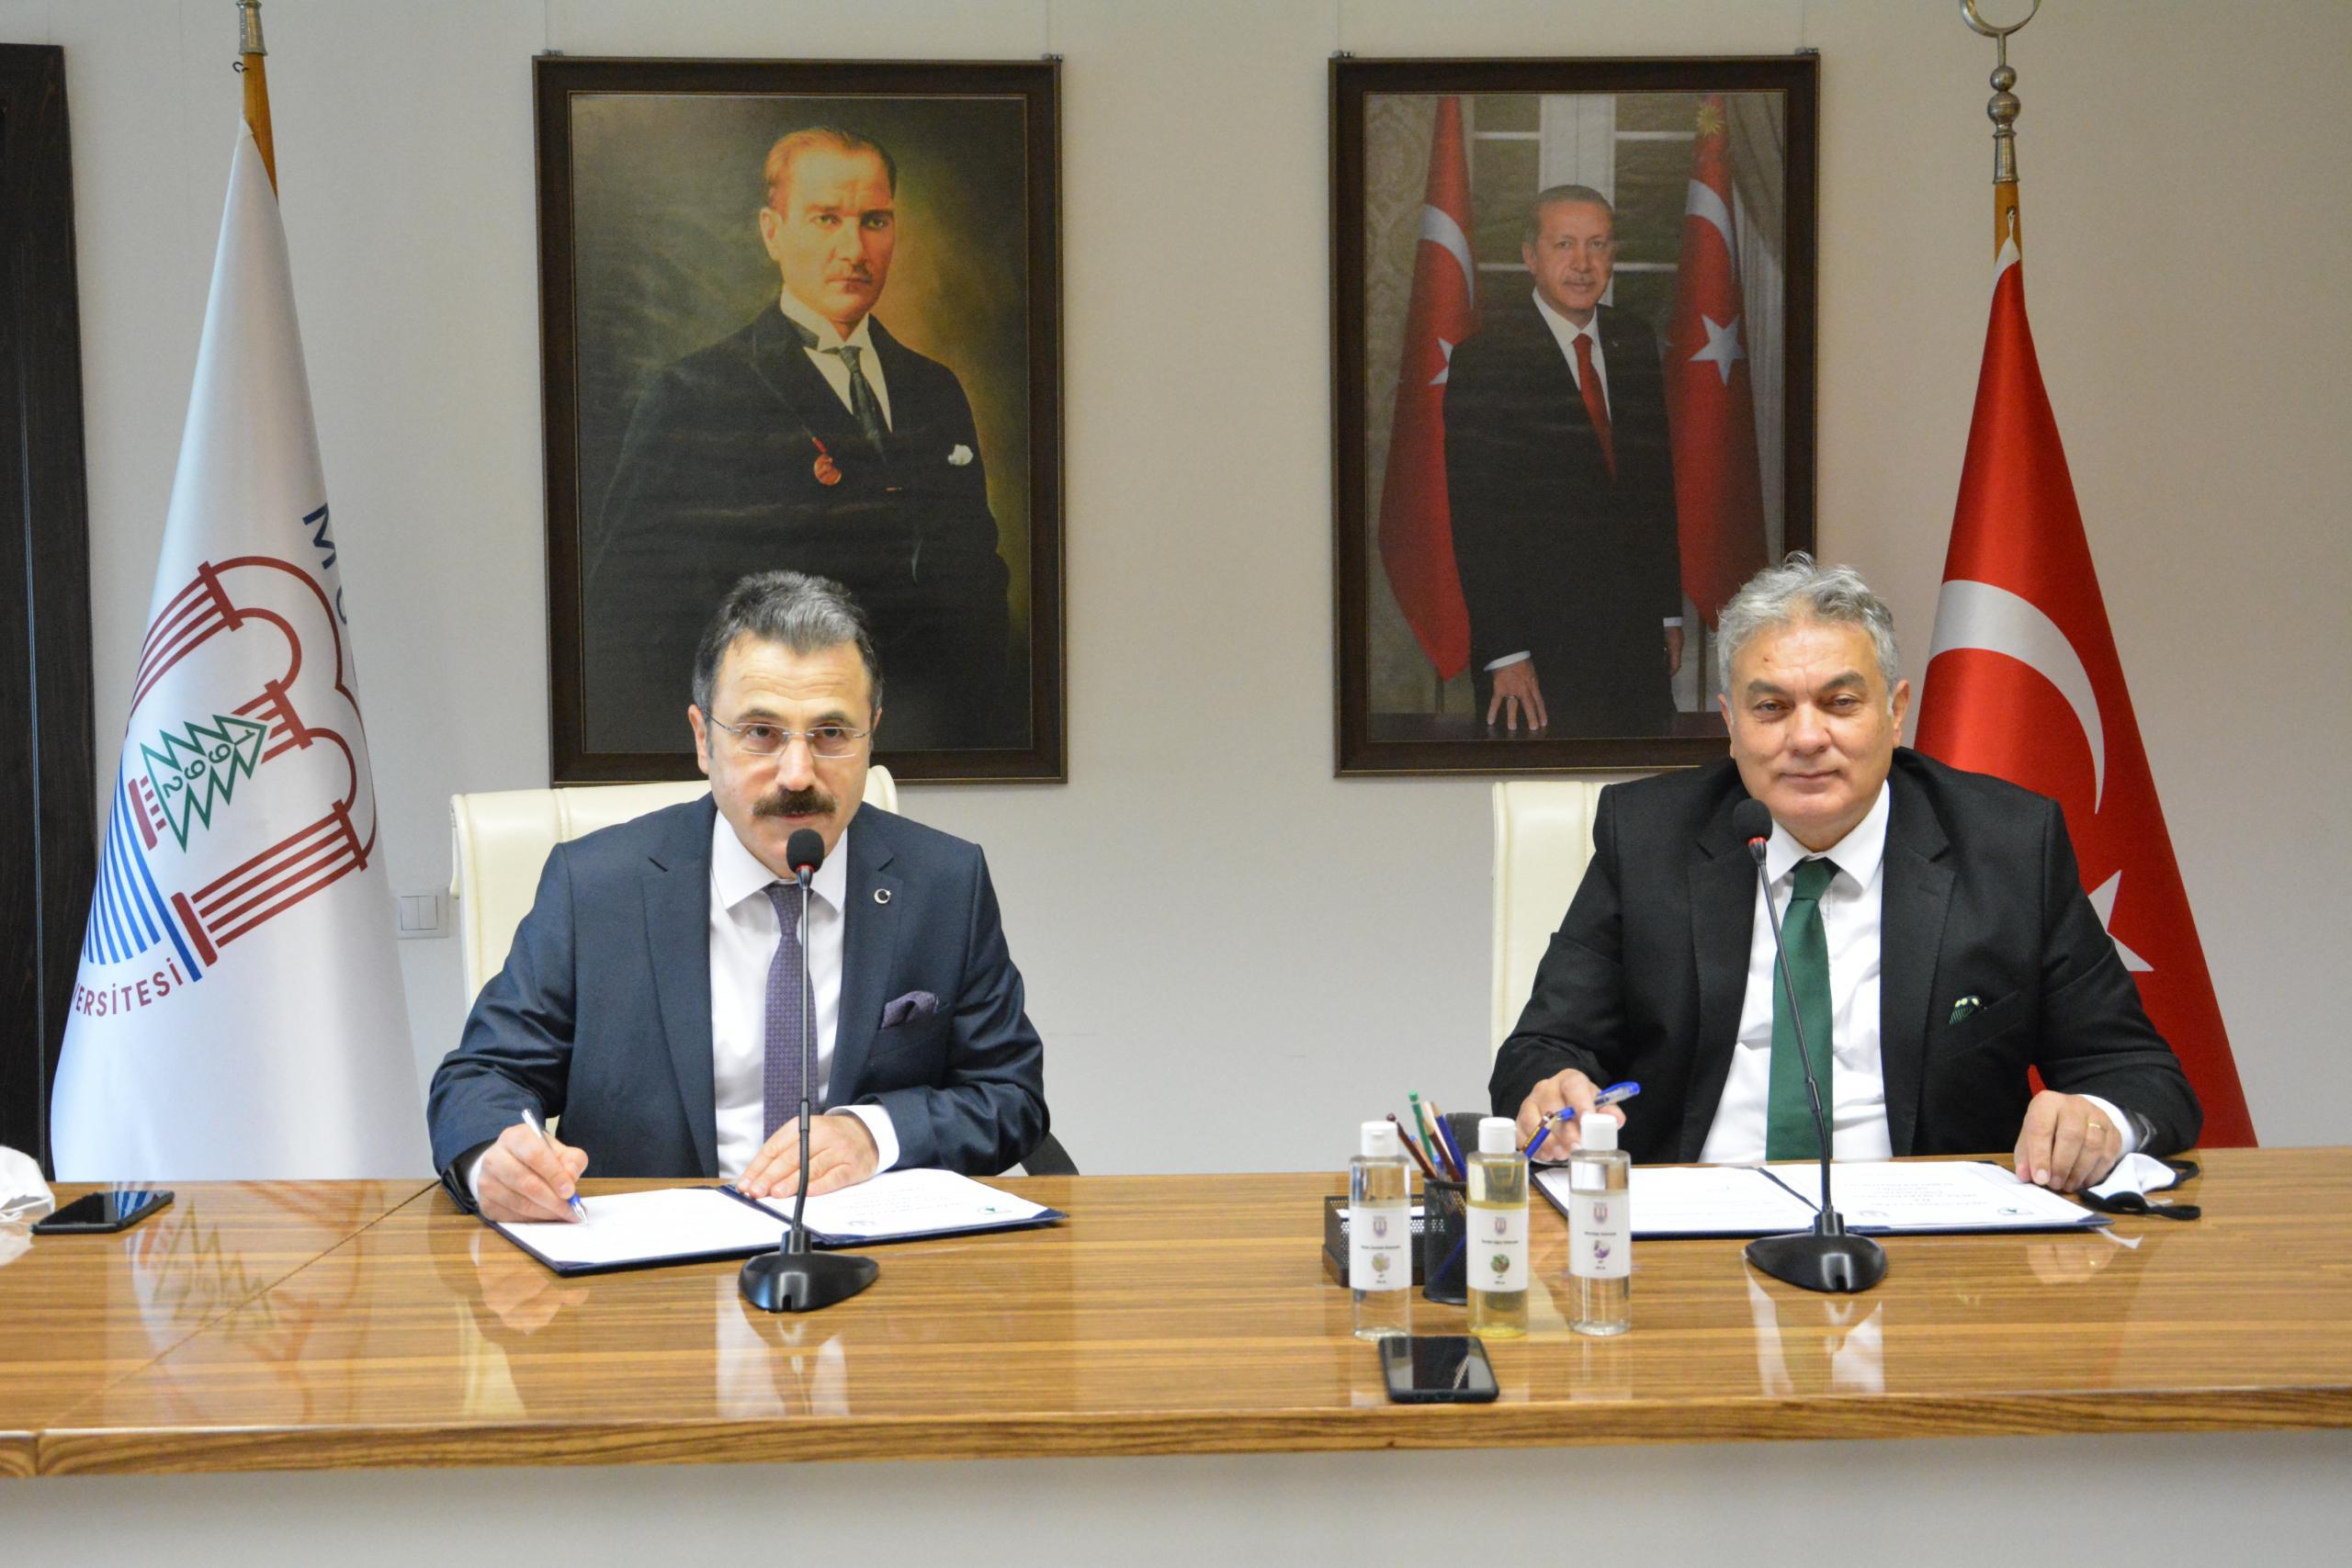 Muğlaspor İle Üniversite Protokol İmzaladı